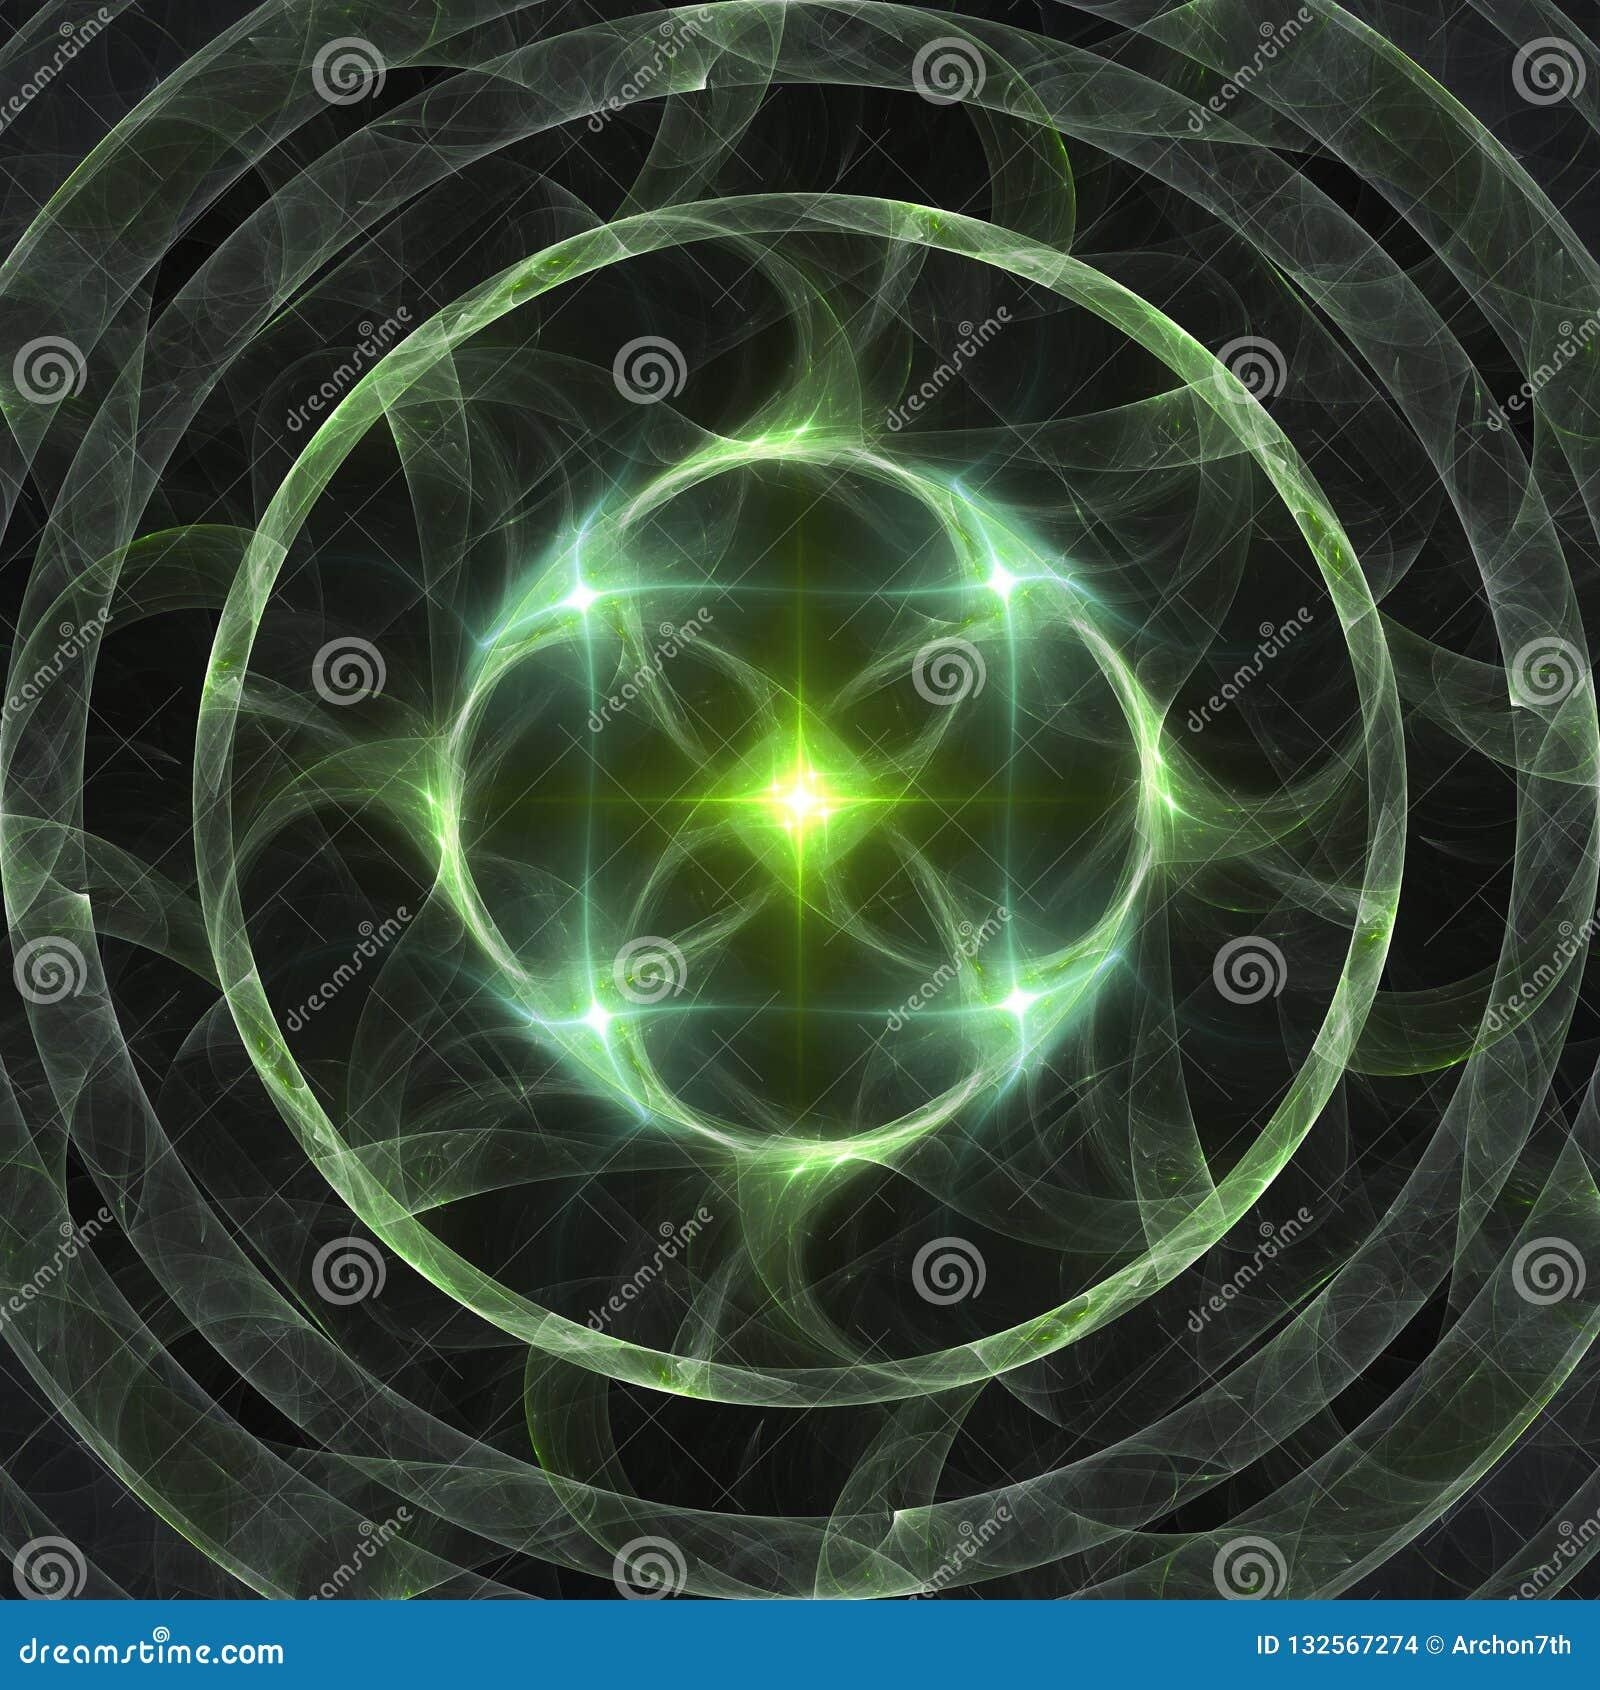 För cirkelfractal för abstrakt glänsande grön stjärna brinnande konst för bakgrund för baner eller för tryck